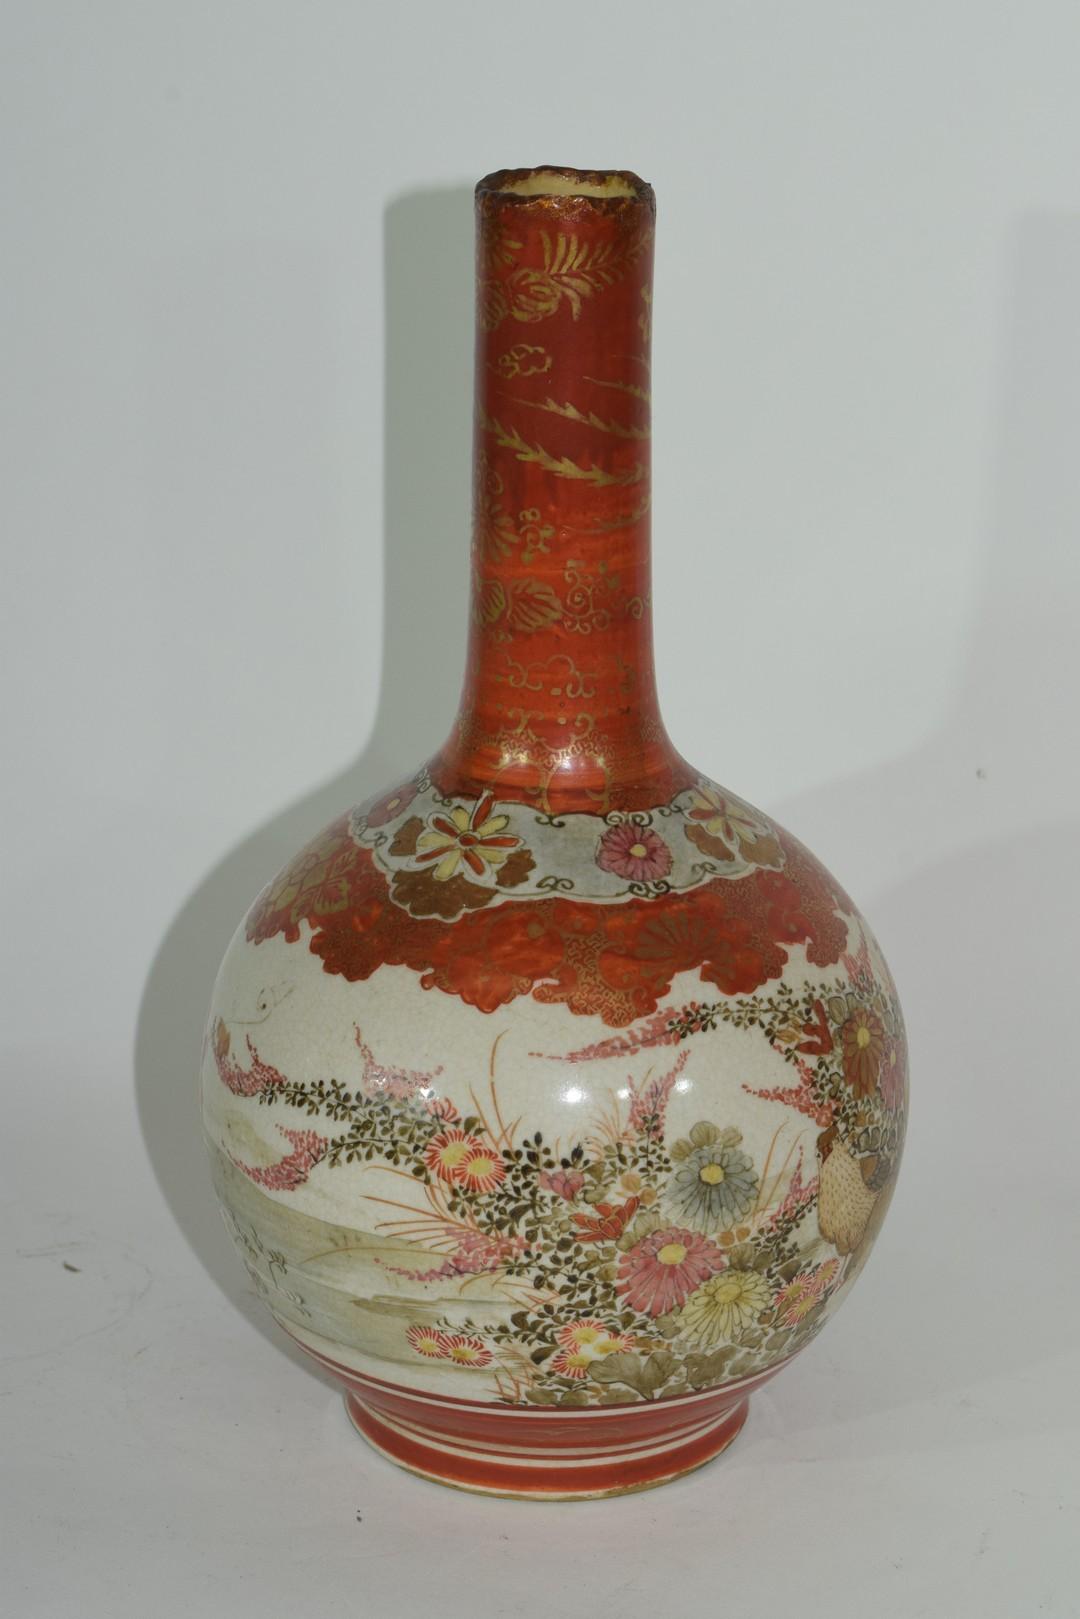 Group of Japanese Kutani style vases - Image 16 of 18